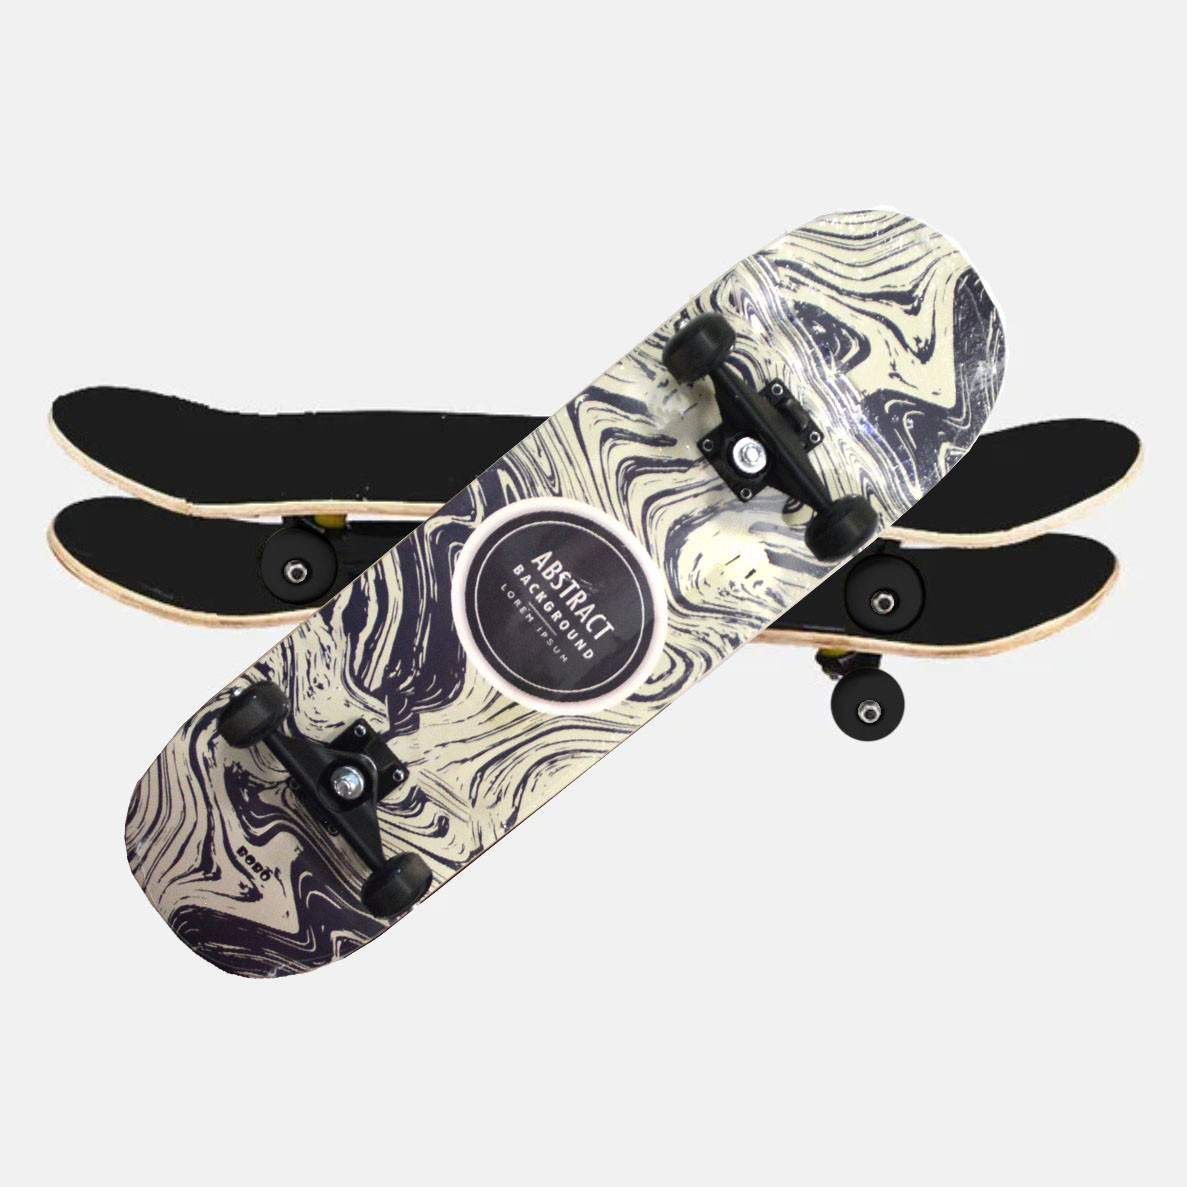 Скейтборды подростковые с узором в нижней части деки 79х20 см BOBO с абстрактным рисунком - фото 10